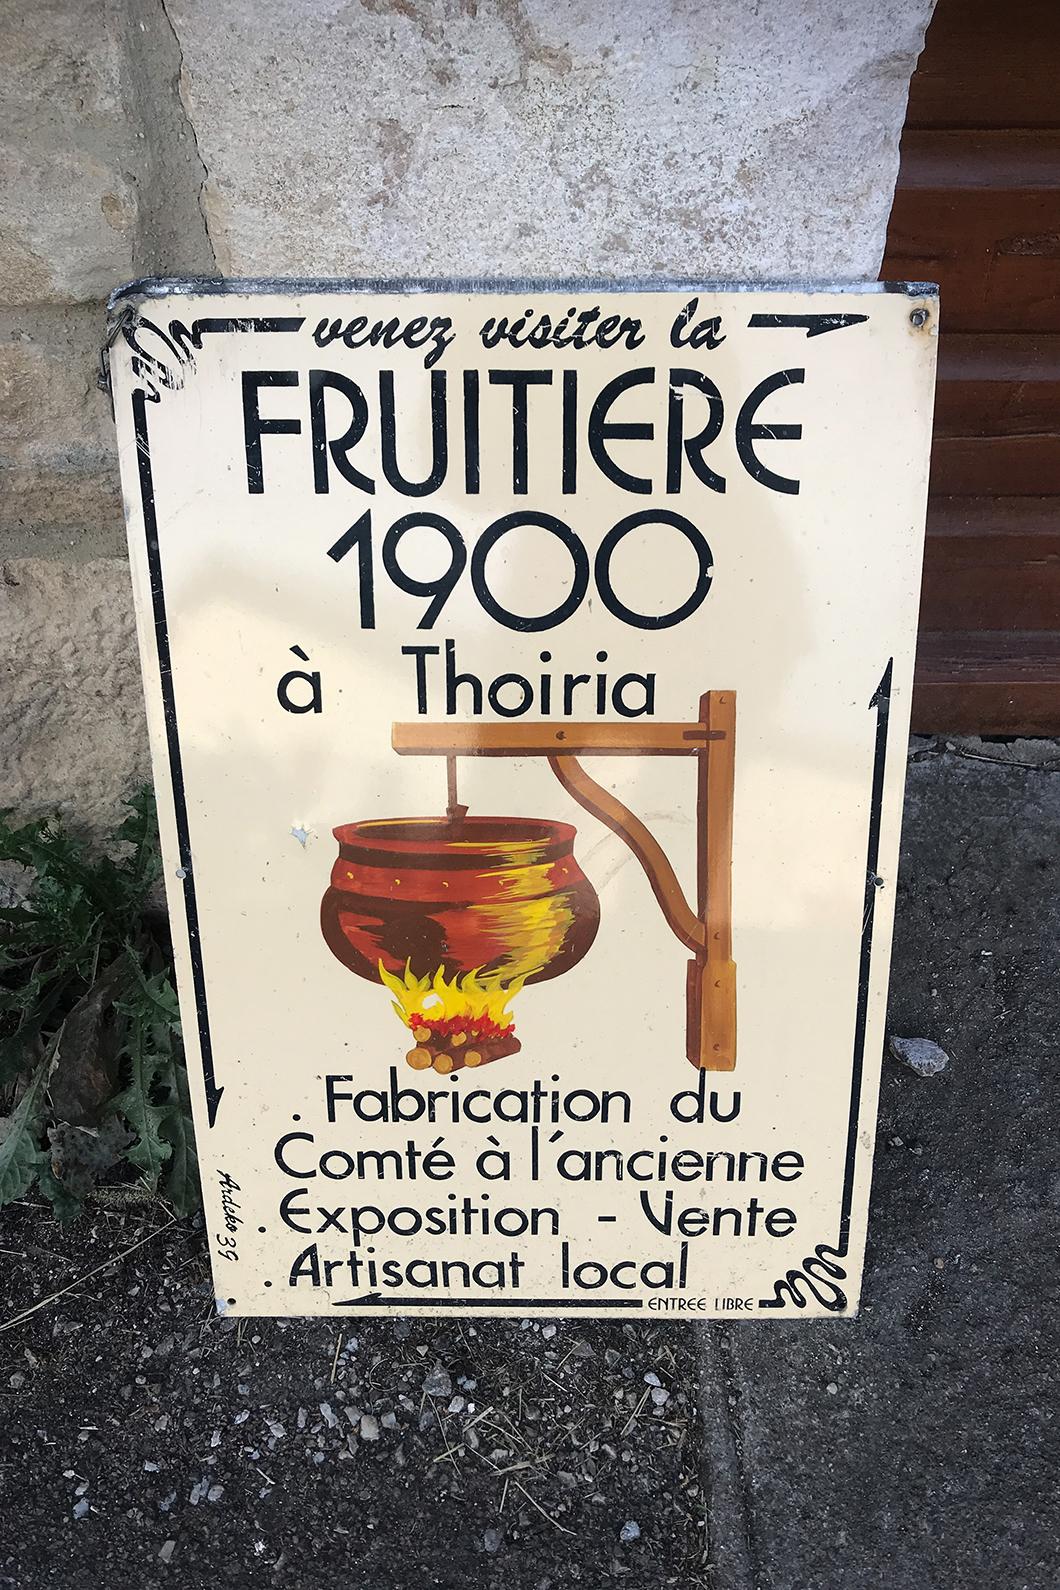 La Fruitière 1900, visite incontournable dans le Jura